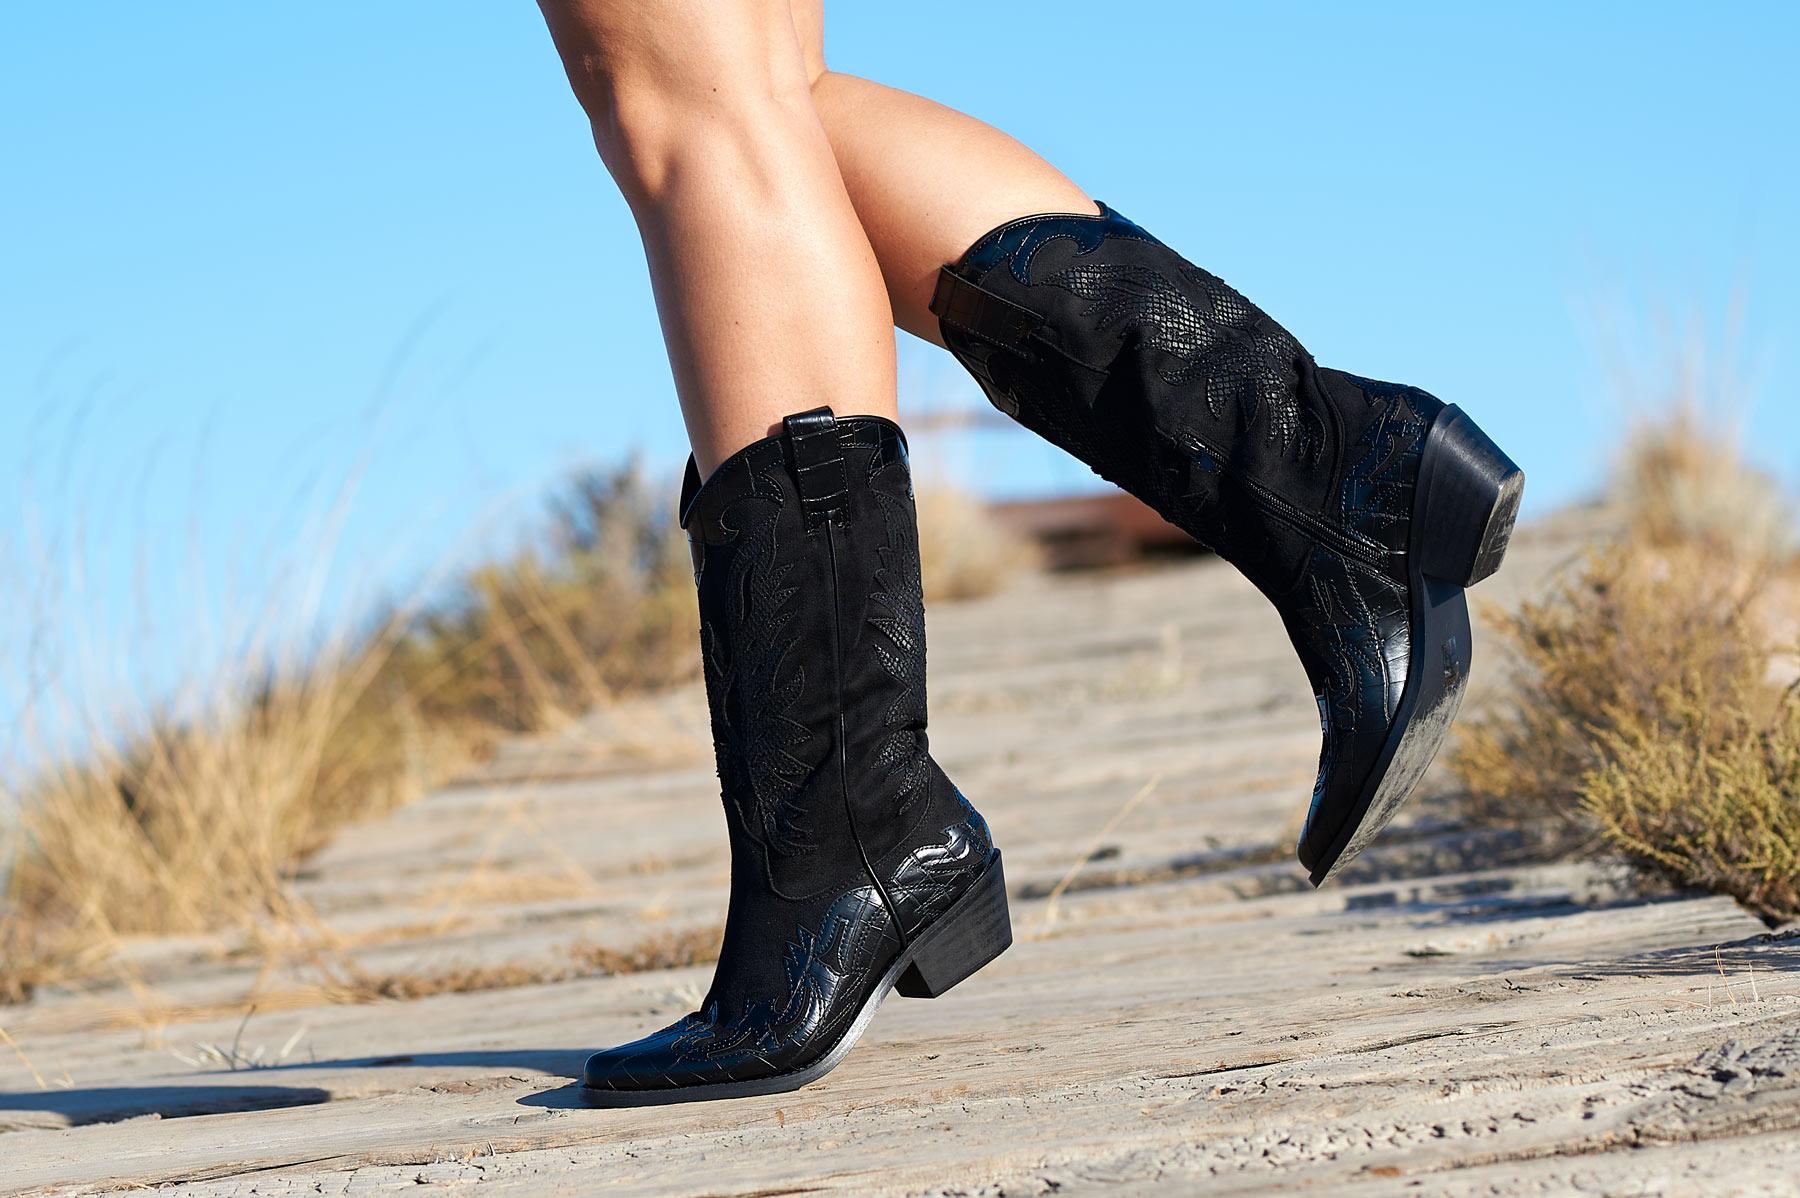 Botas altas camperas negras